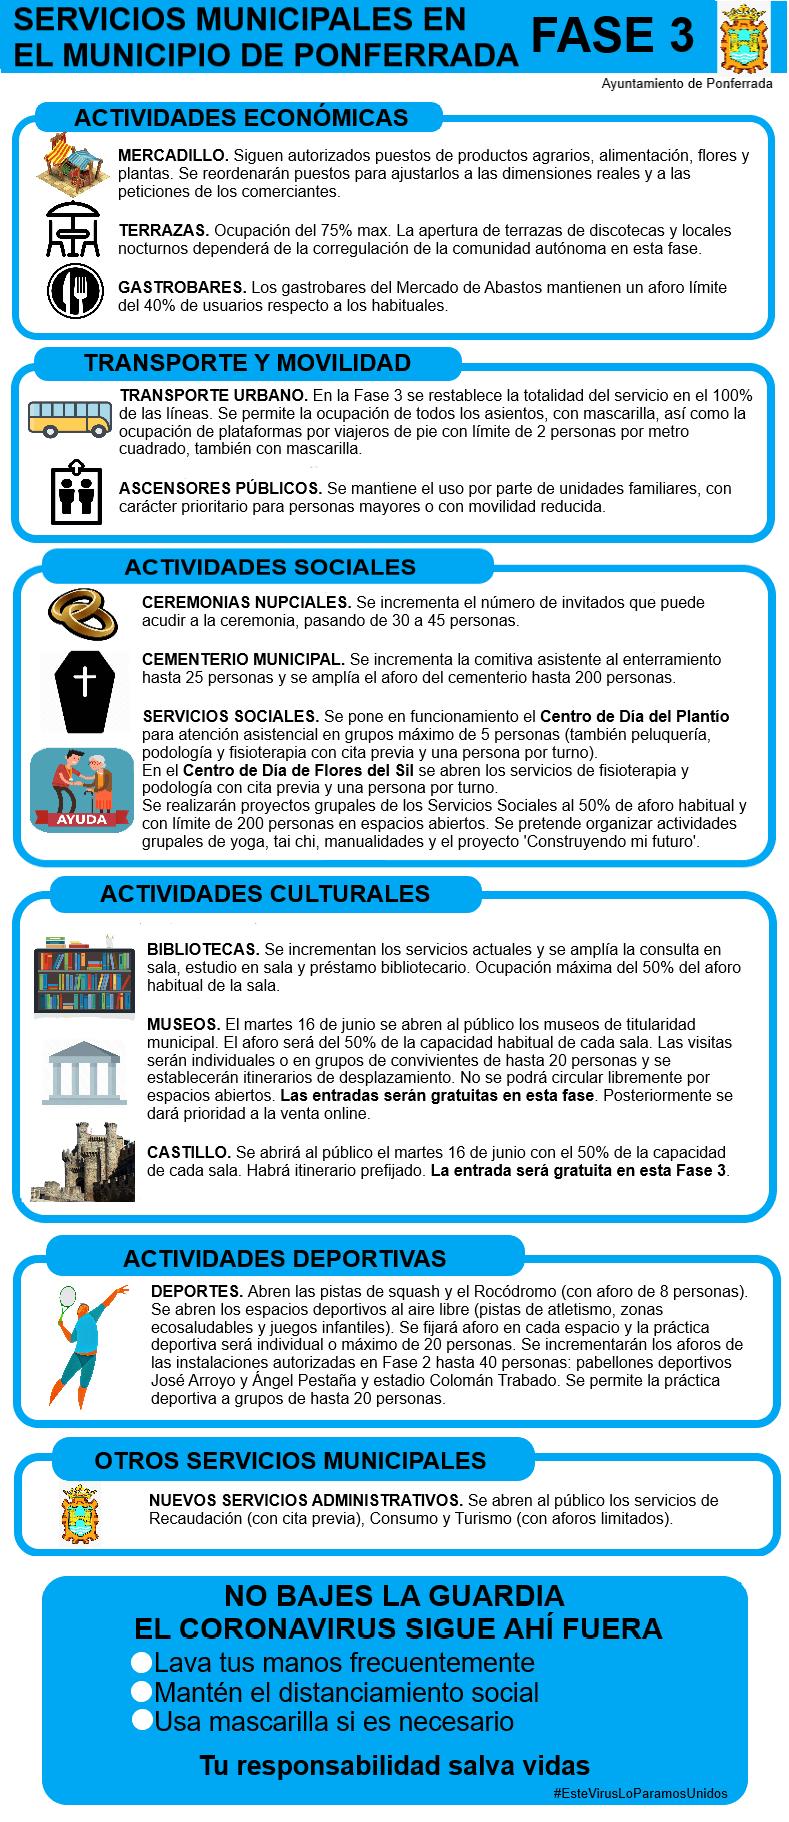 El Ayuntamiento de Ponferrada hace un recordatorio de los cambios y de las actividades permitidas a partir de la Fase 3 2